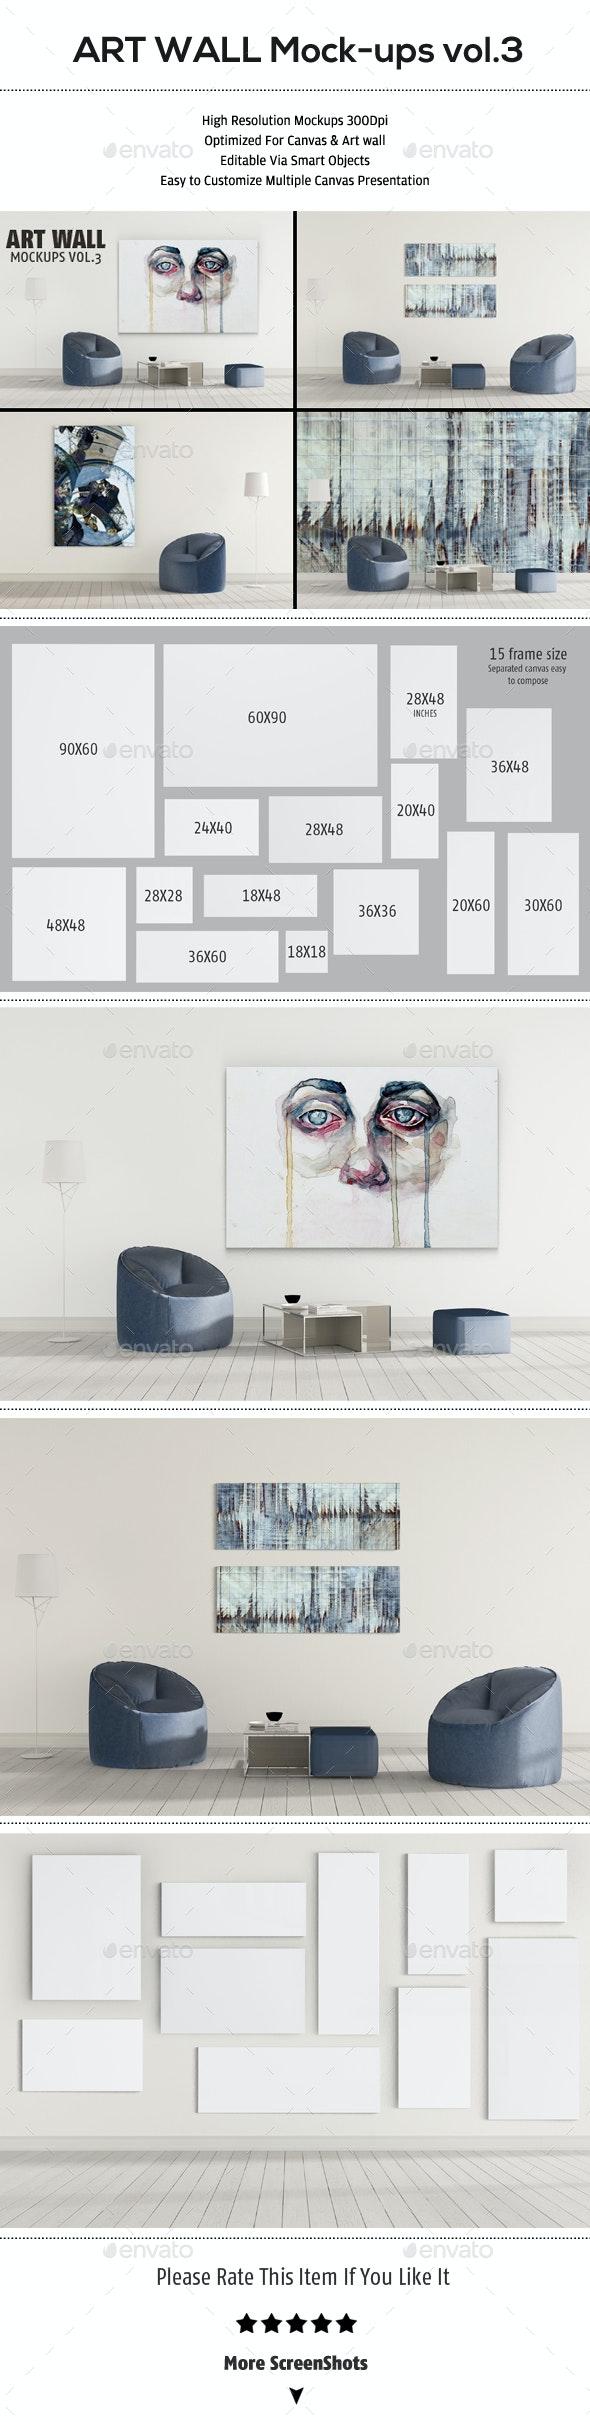 Art Wall Mockup VOL.3 - Product Mock-Ups Graphics